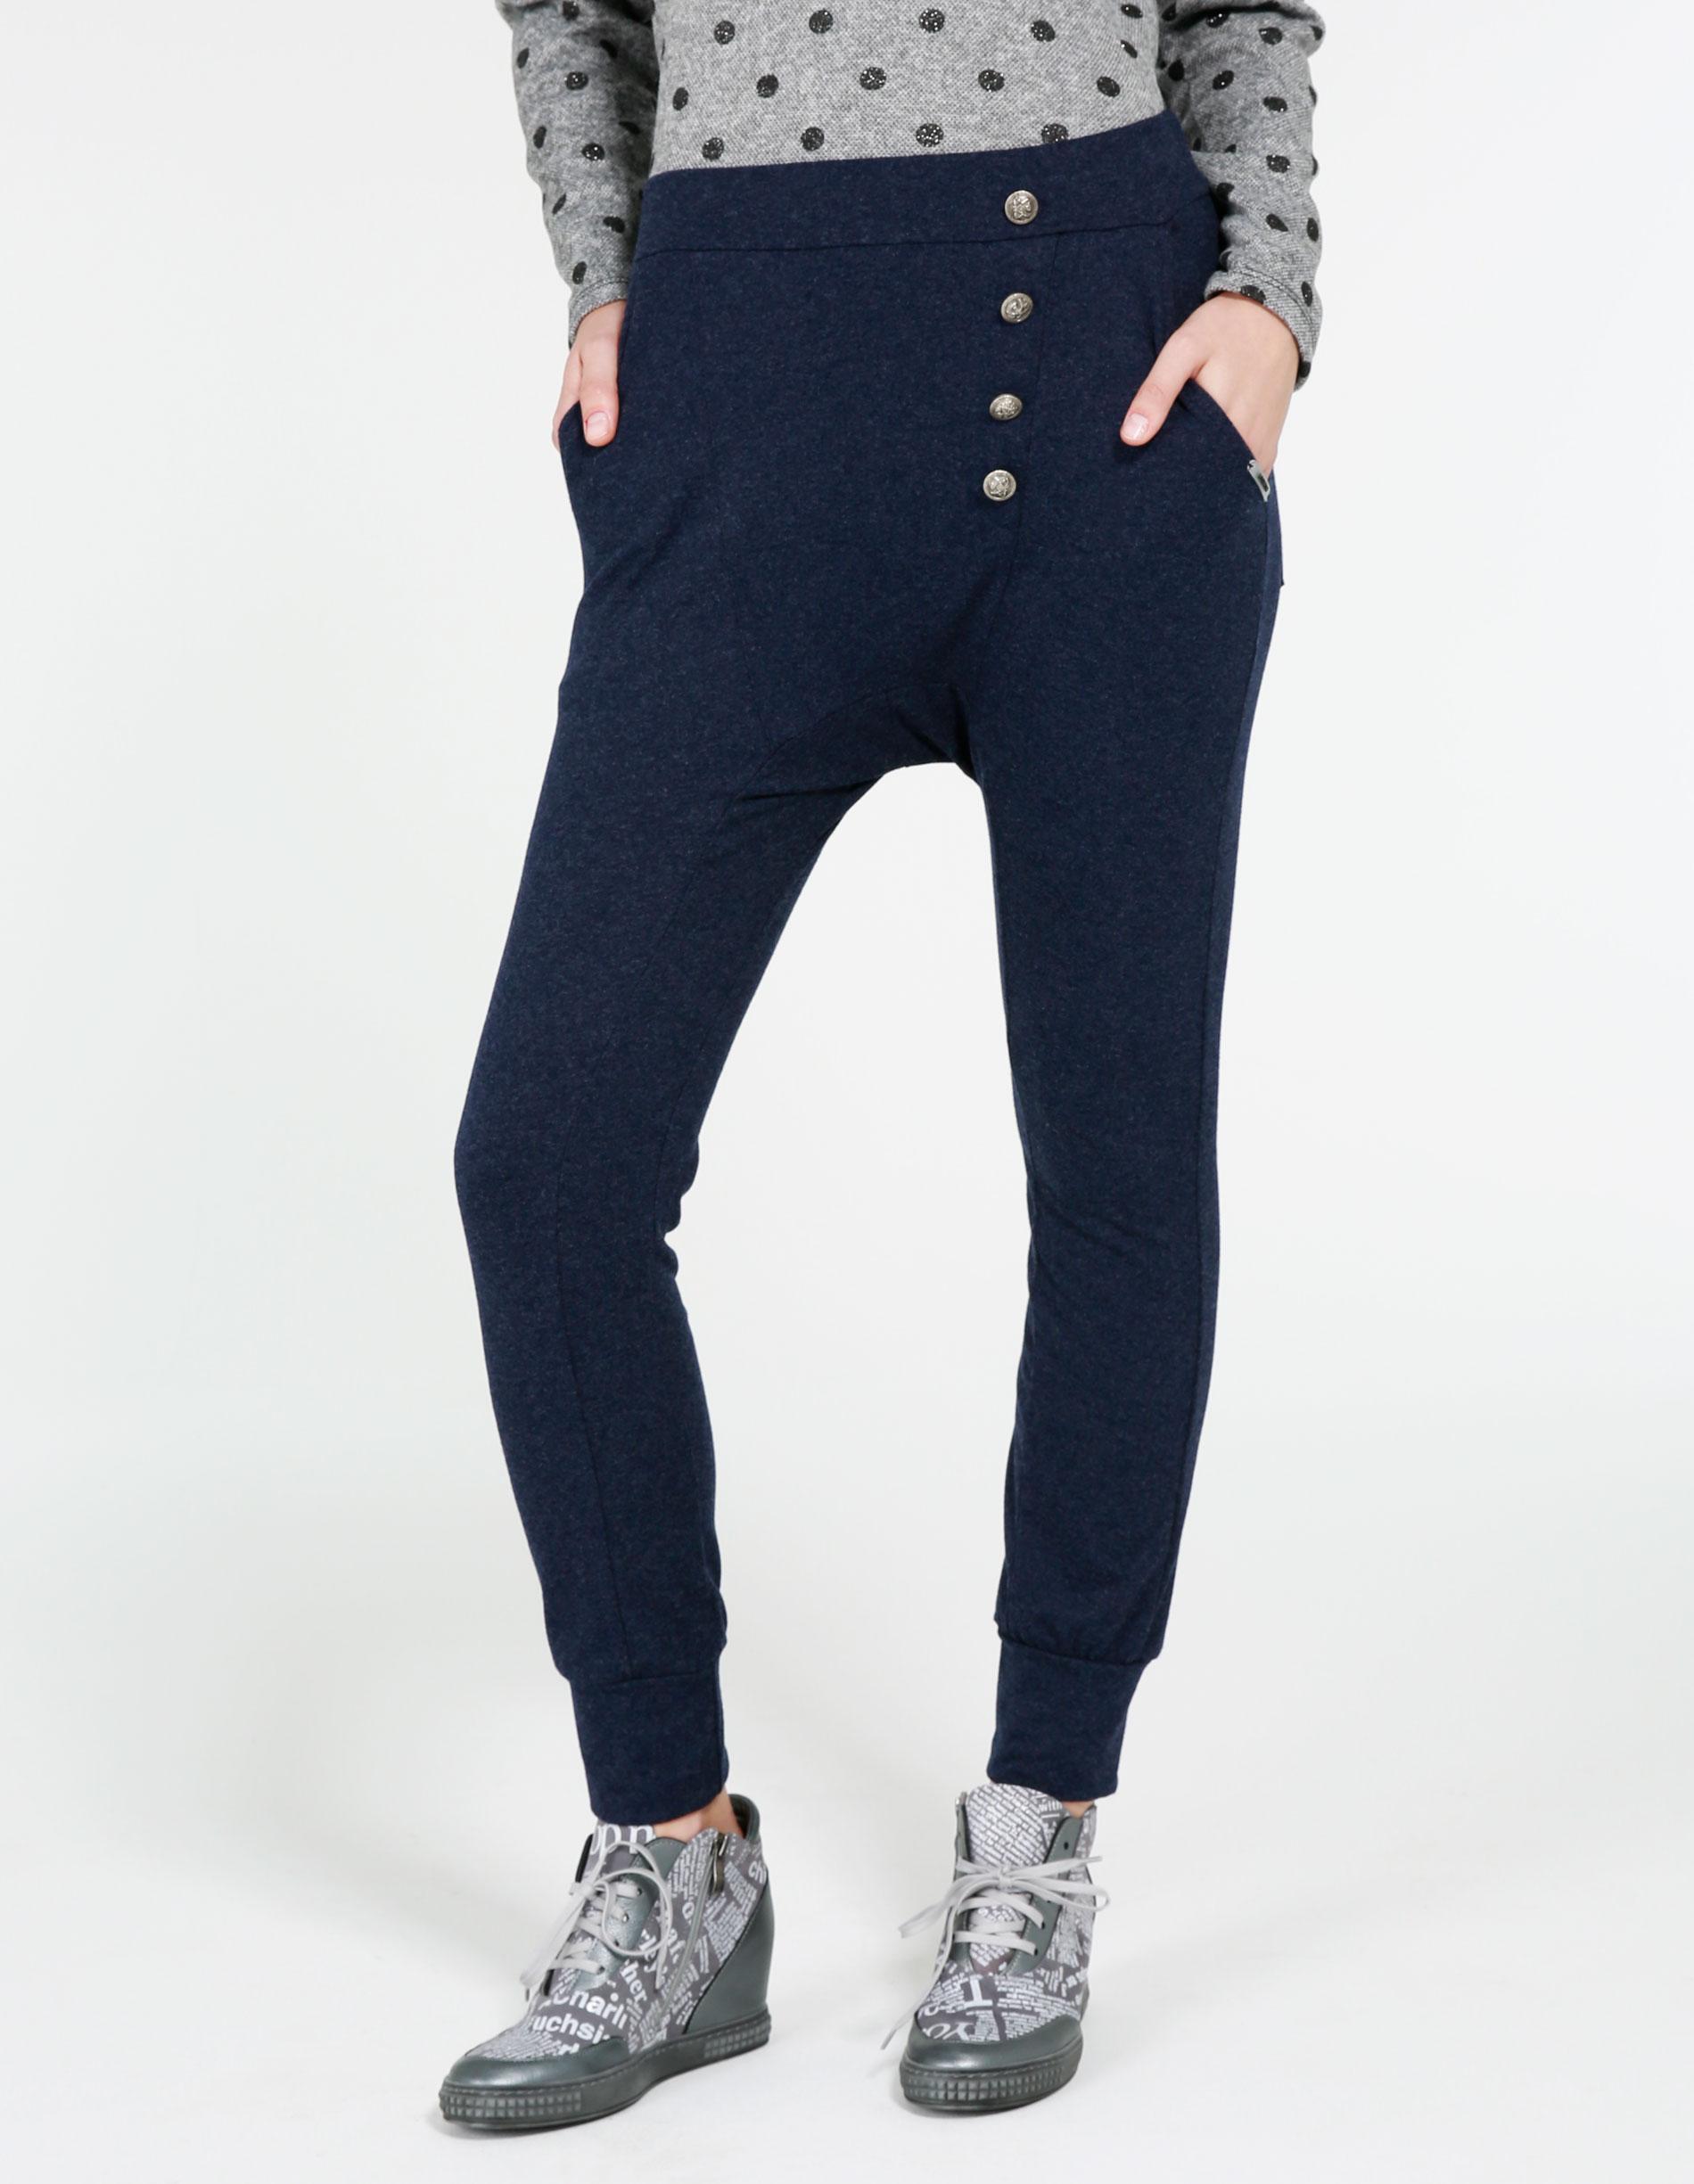 Spodnie - 30-67033 BLSC - Unisono